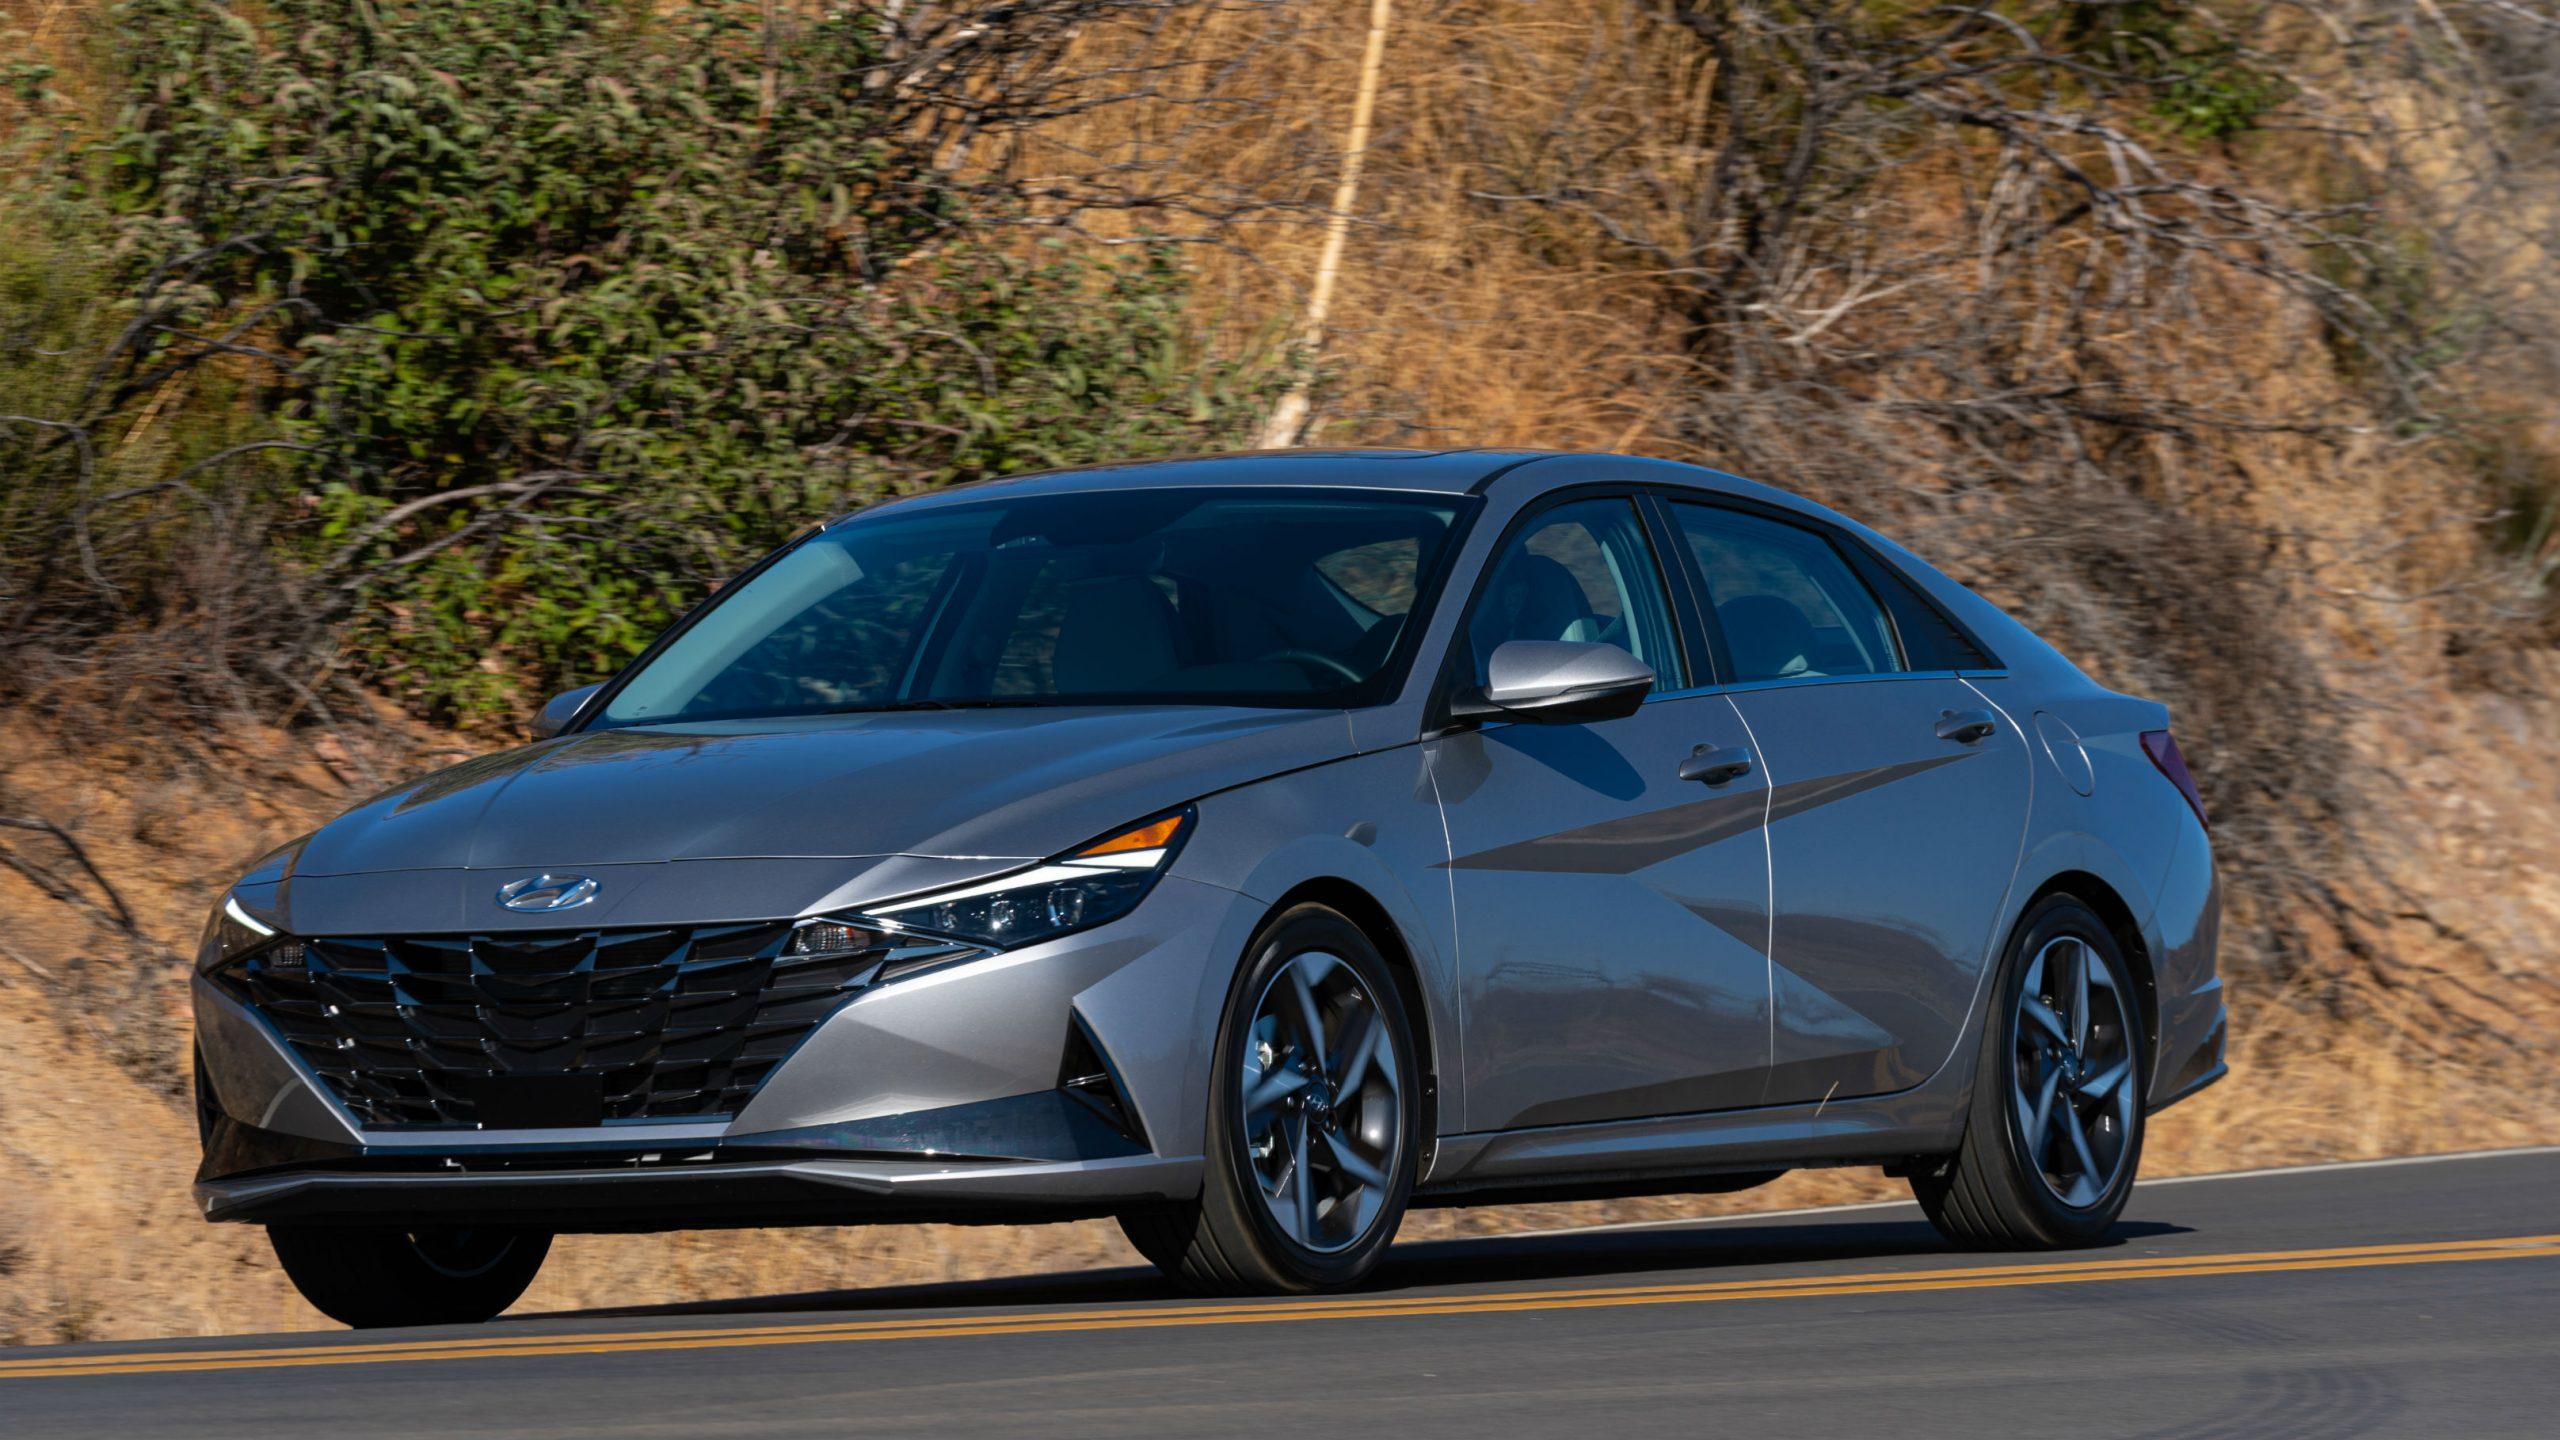 Review 2021 Hyundai Elantra